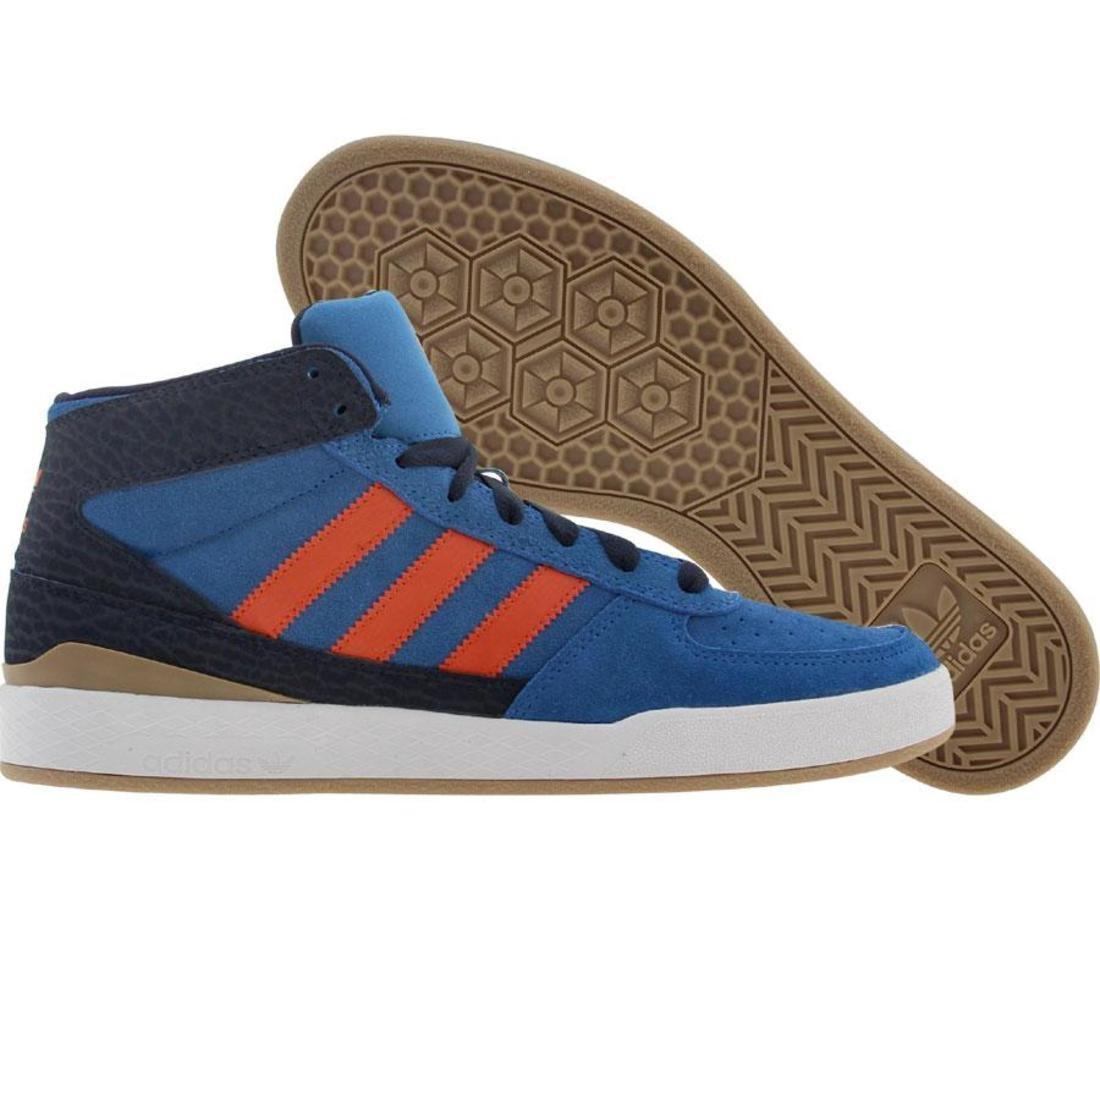 Adidas Skate Forum X (bluebird / crayon orange / college navy)